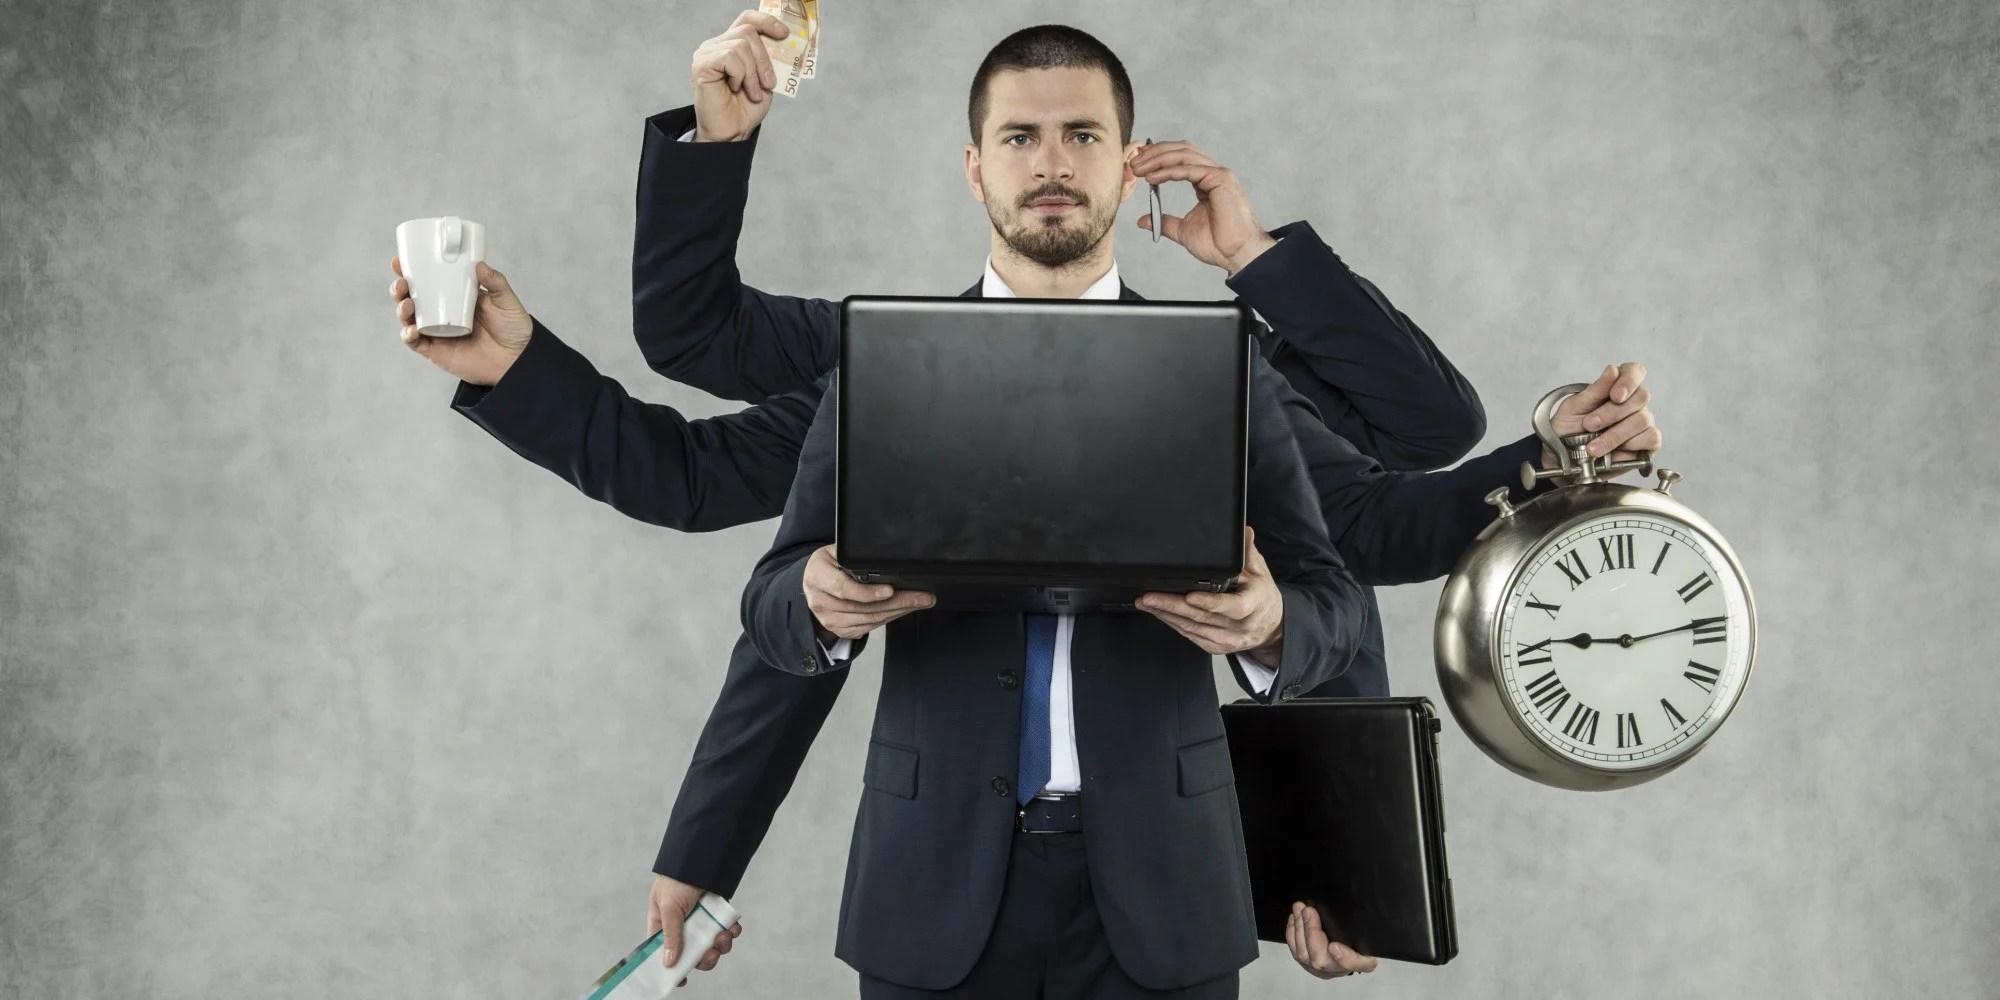 5 Kesalahan yang Sering Dilakukan Pengusaha dari Generasi Millenial